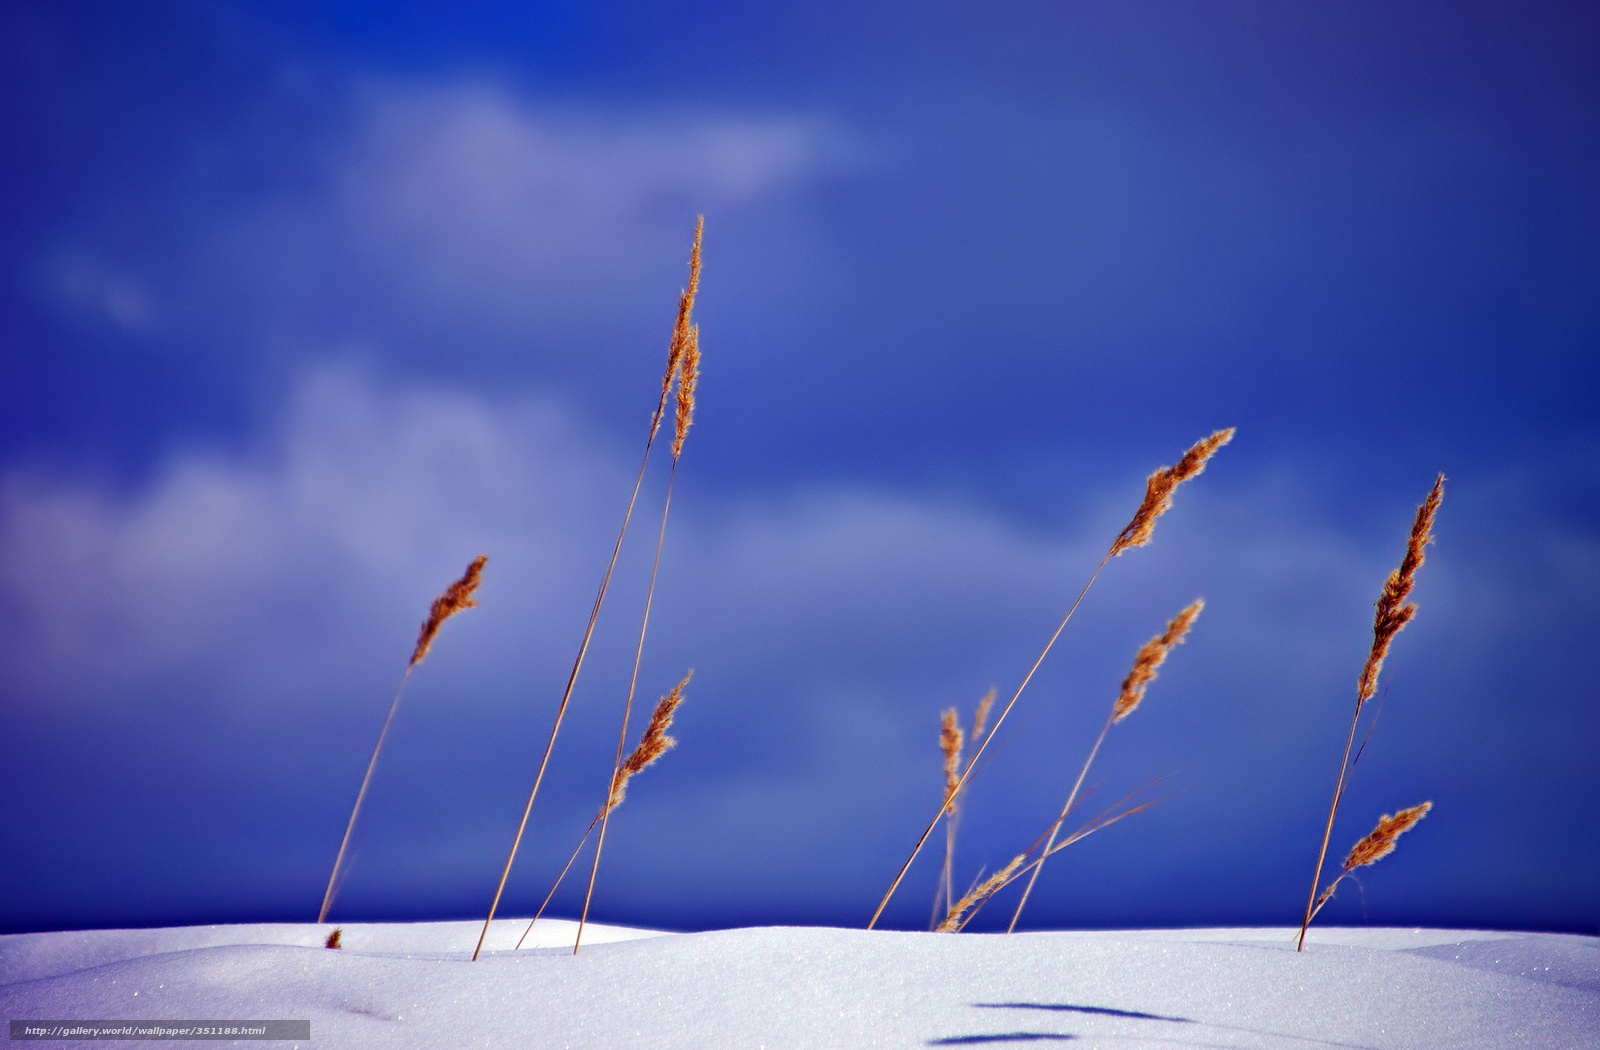 tlcharger fond d 39 ecran ciel neige l 39 herbe sche dcoule fonds d 39 ecran gratuits pour votre. Black Bedroom Furniture Sets. Home Design Ideas